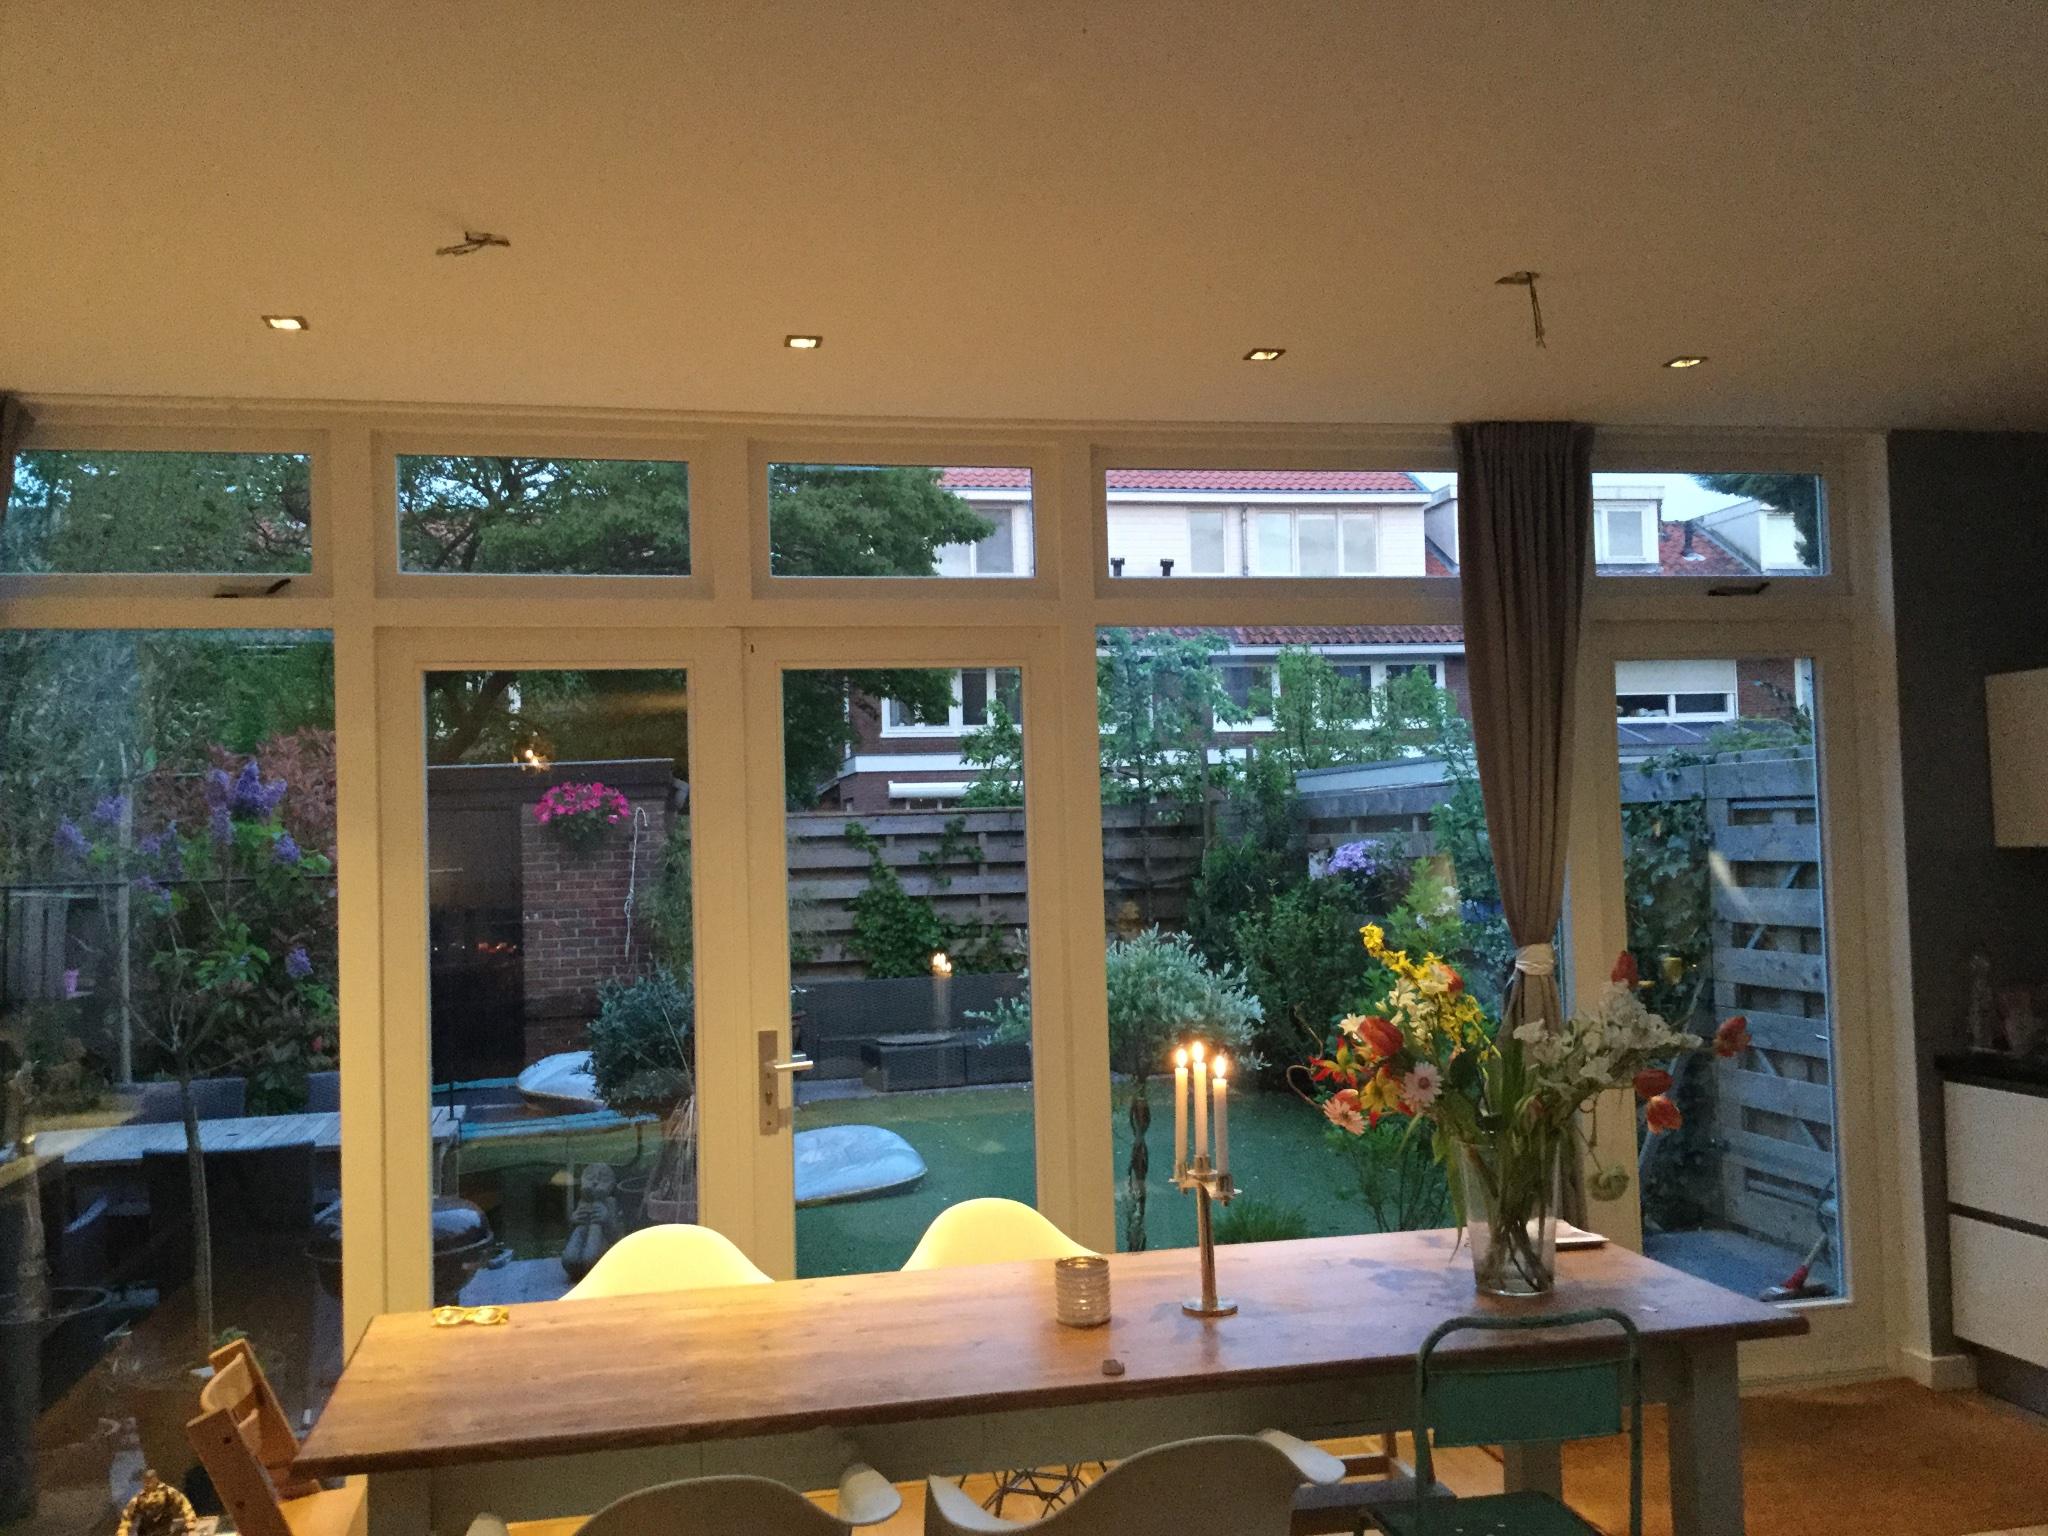 Twee Lampen Ophangen : Twee lampen ophangen lichtpunten zitten iets buiten de tafel